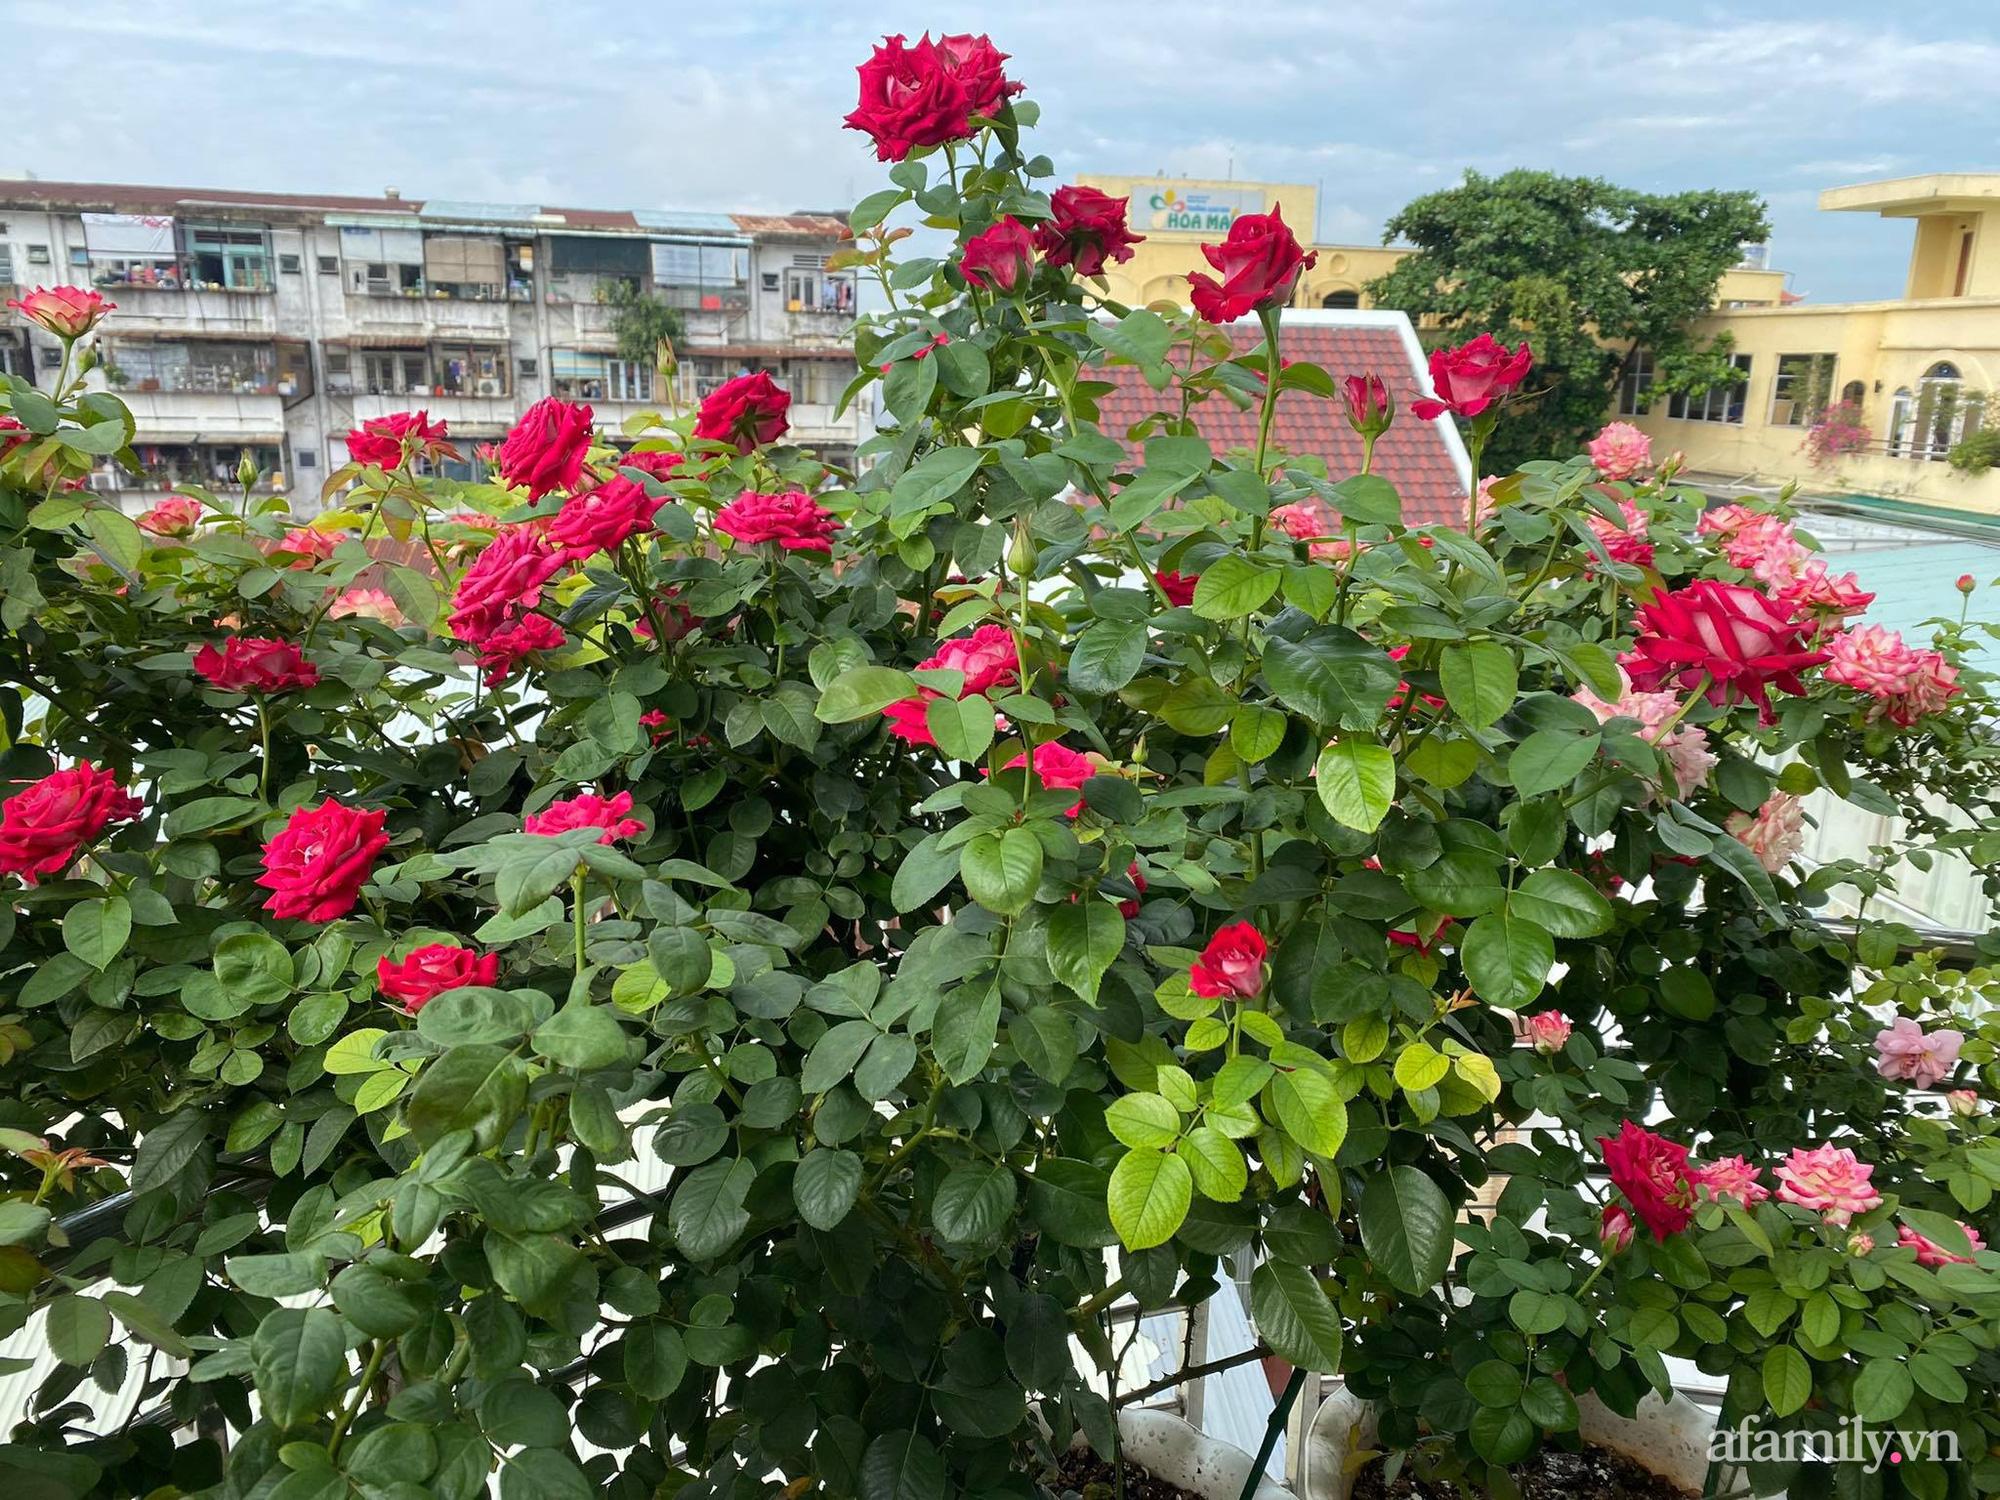 Sân thượng phủ kín hoa hồng và rau quả sạch được chăm chút nhờ bàn tay khéo léo của Hoa hậu Janny Thủy Trần - Ảnh 3.